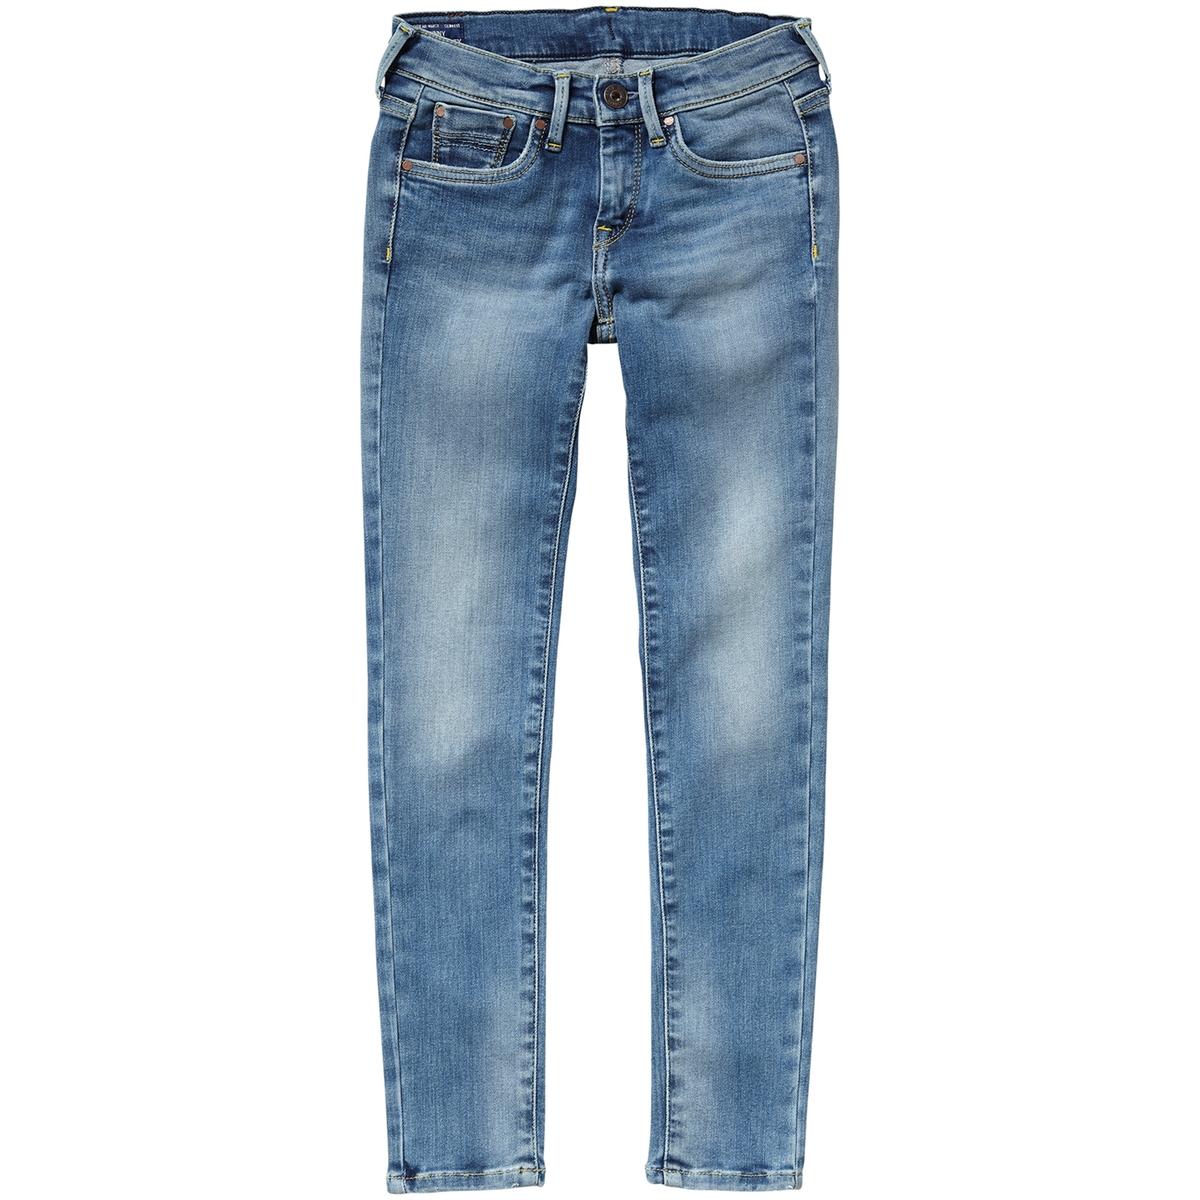 Джинсы skinny 8 - 16 лет джинсы узкие скинни с вышивкой для 10 16 лет